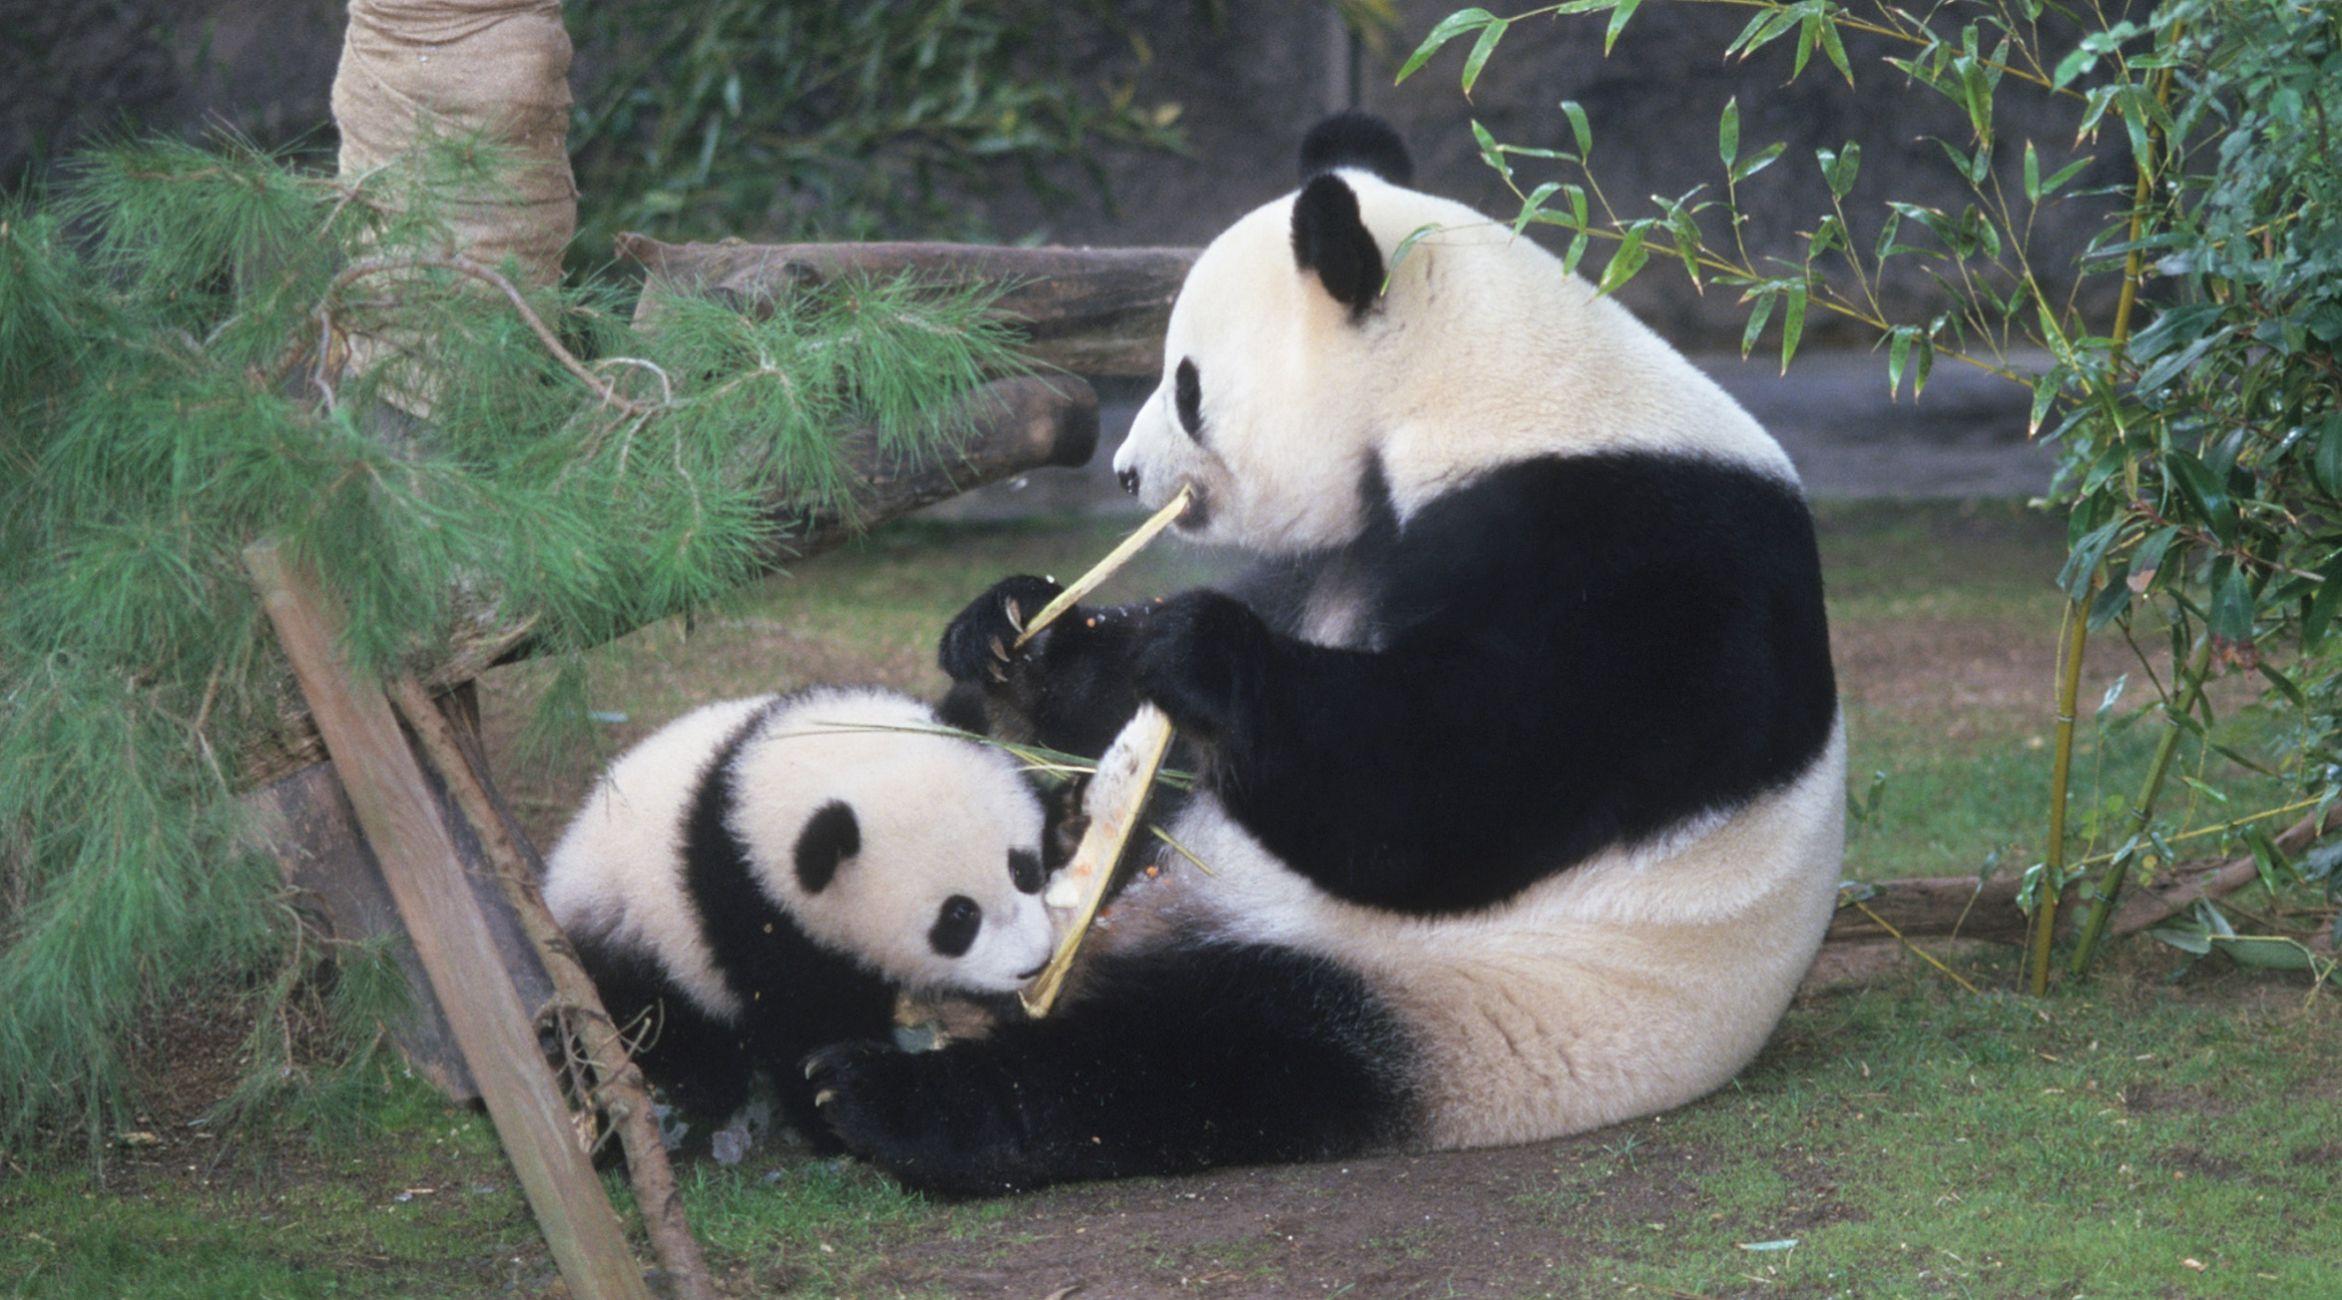 Bai Yun and Hua Mei San Diego Zoo's 1st panda baby | Cute